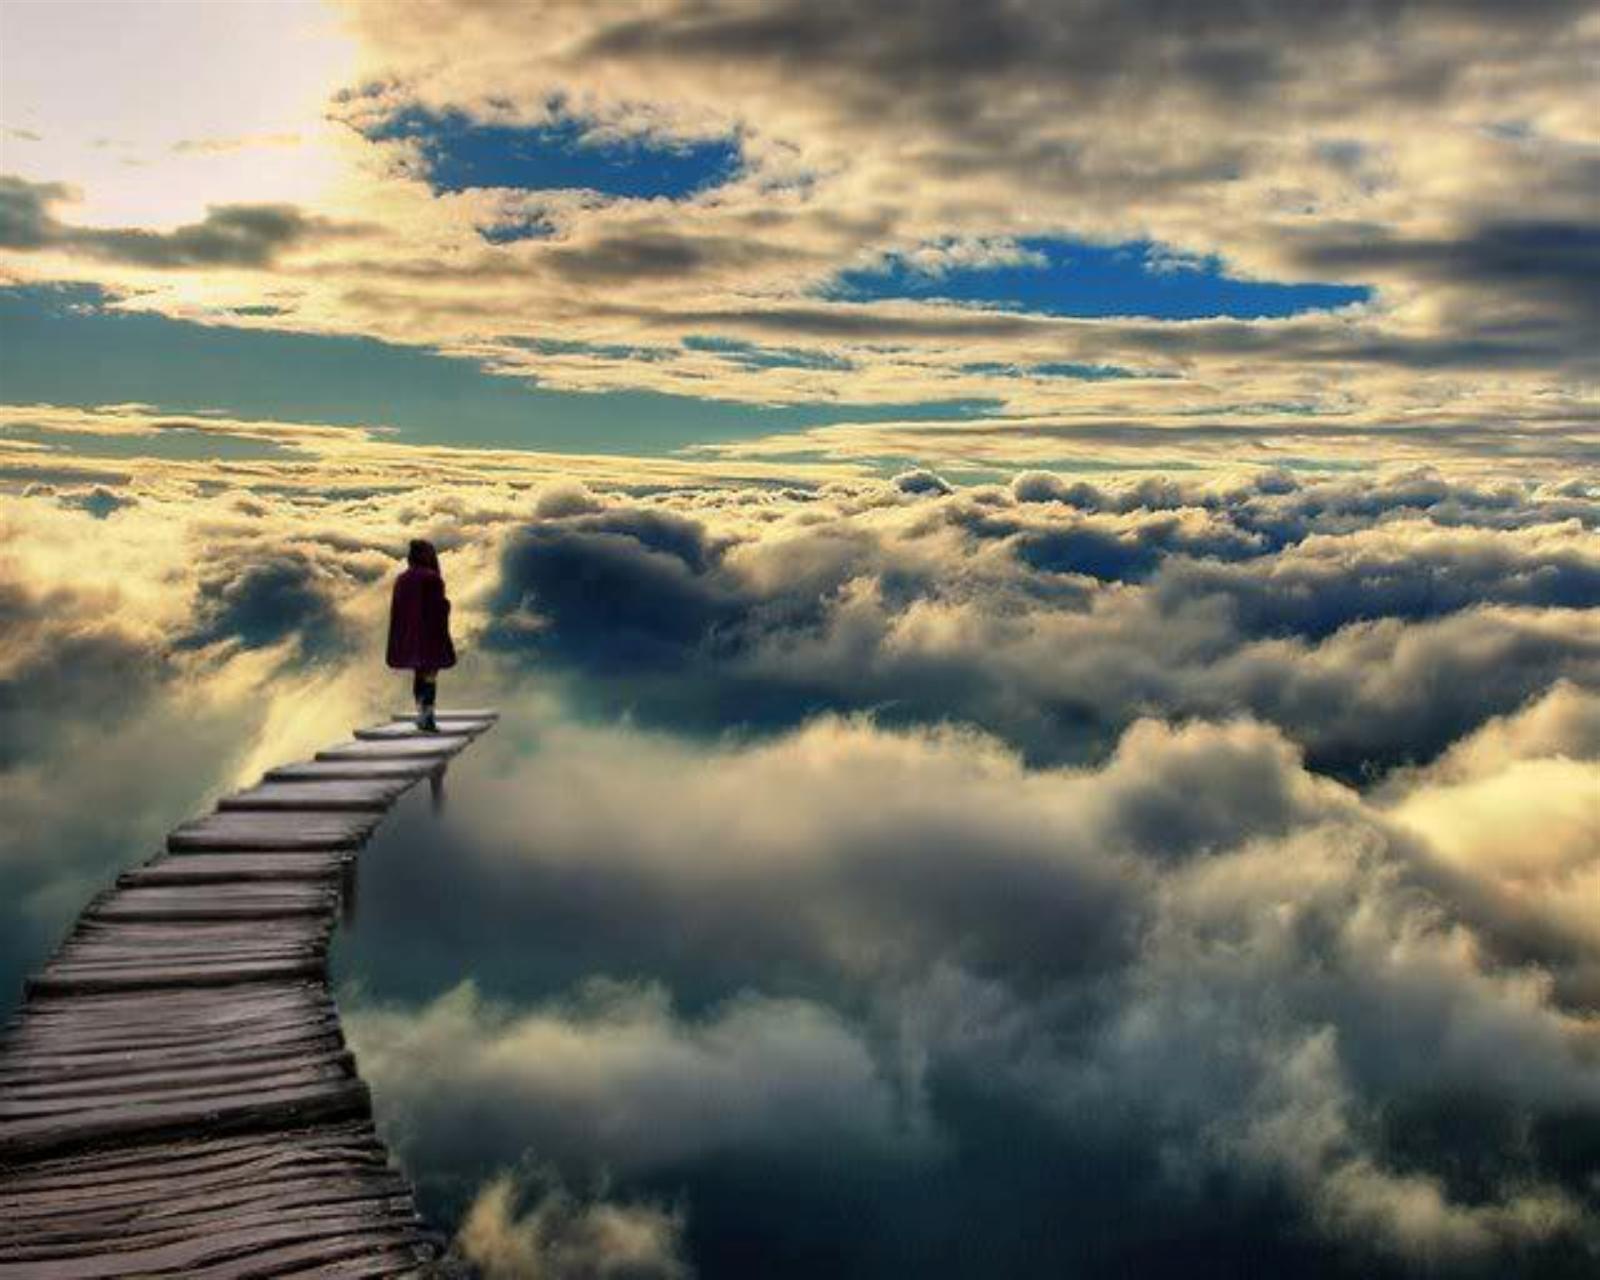 Обои Облака, необыкновенно, Пейзаж, яркие тона. Природа foto 3